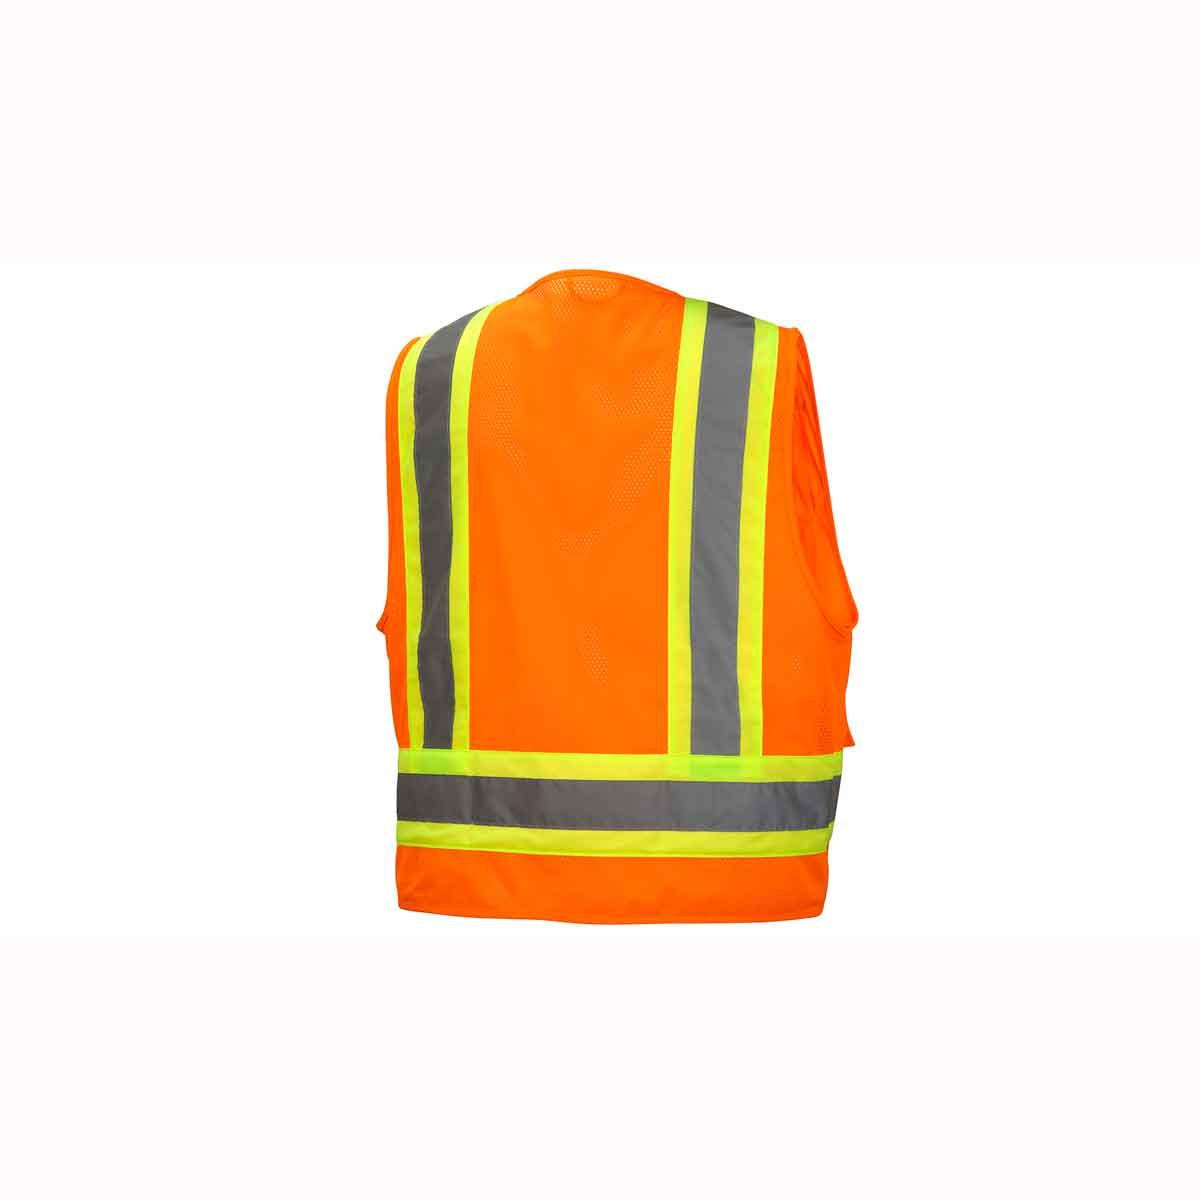 Pyramex Type RVZ24 Safety Vest